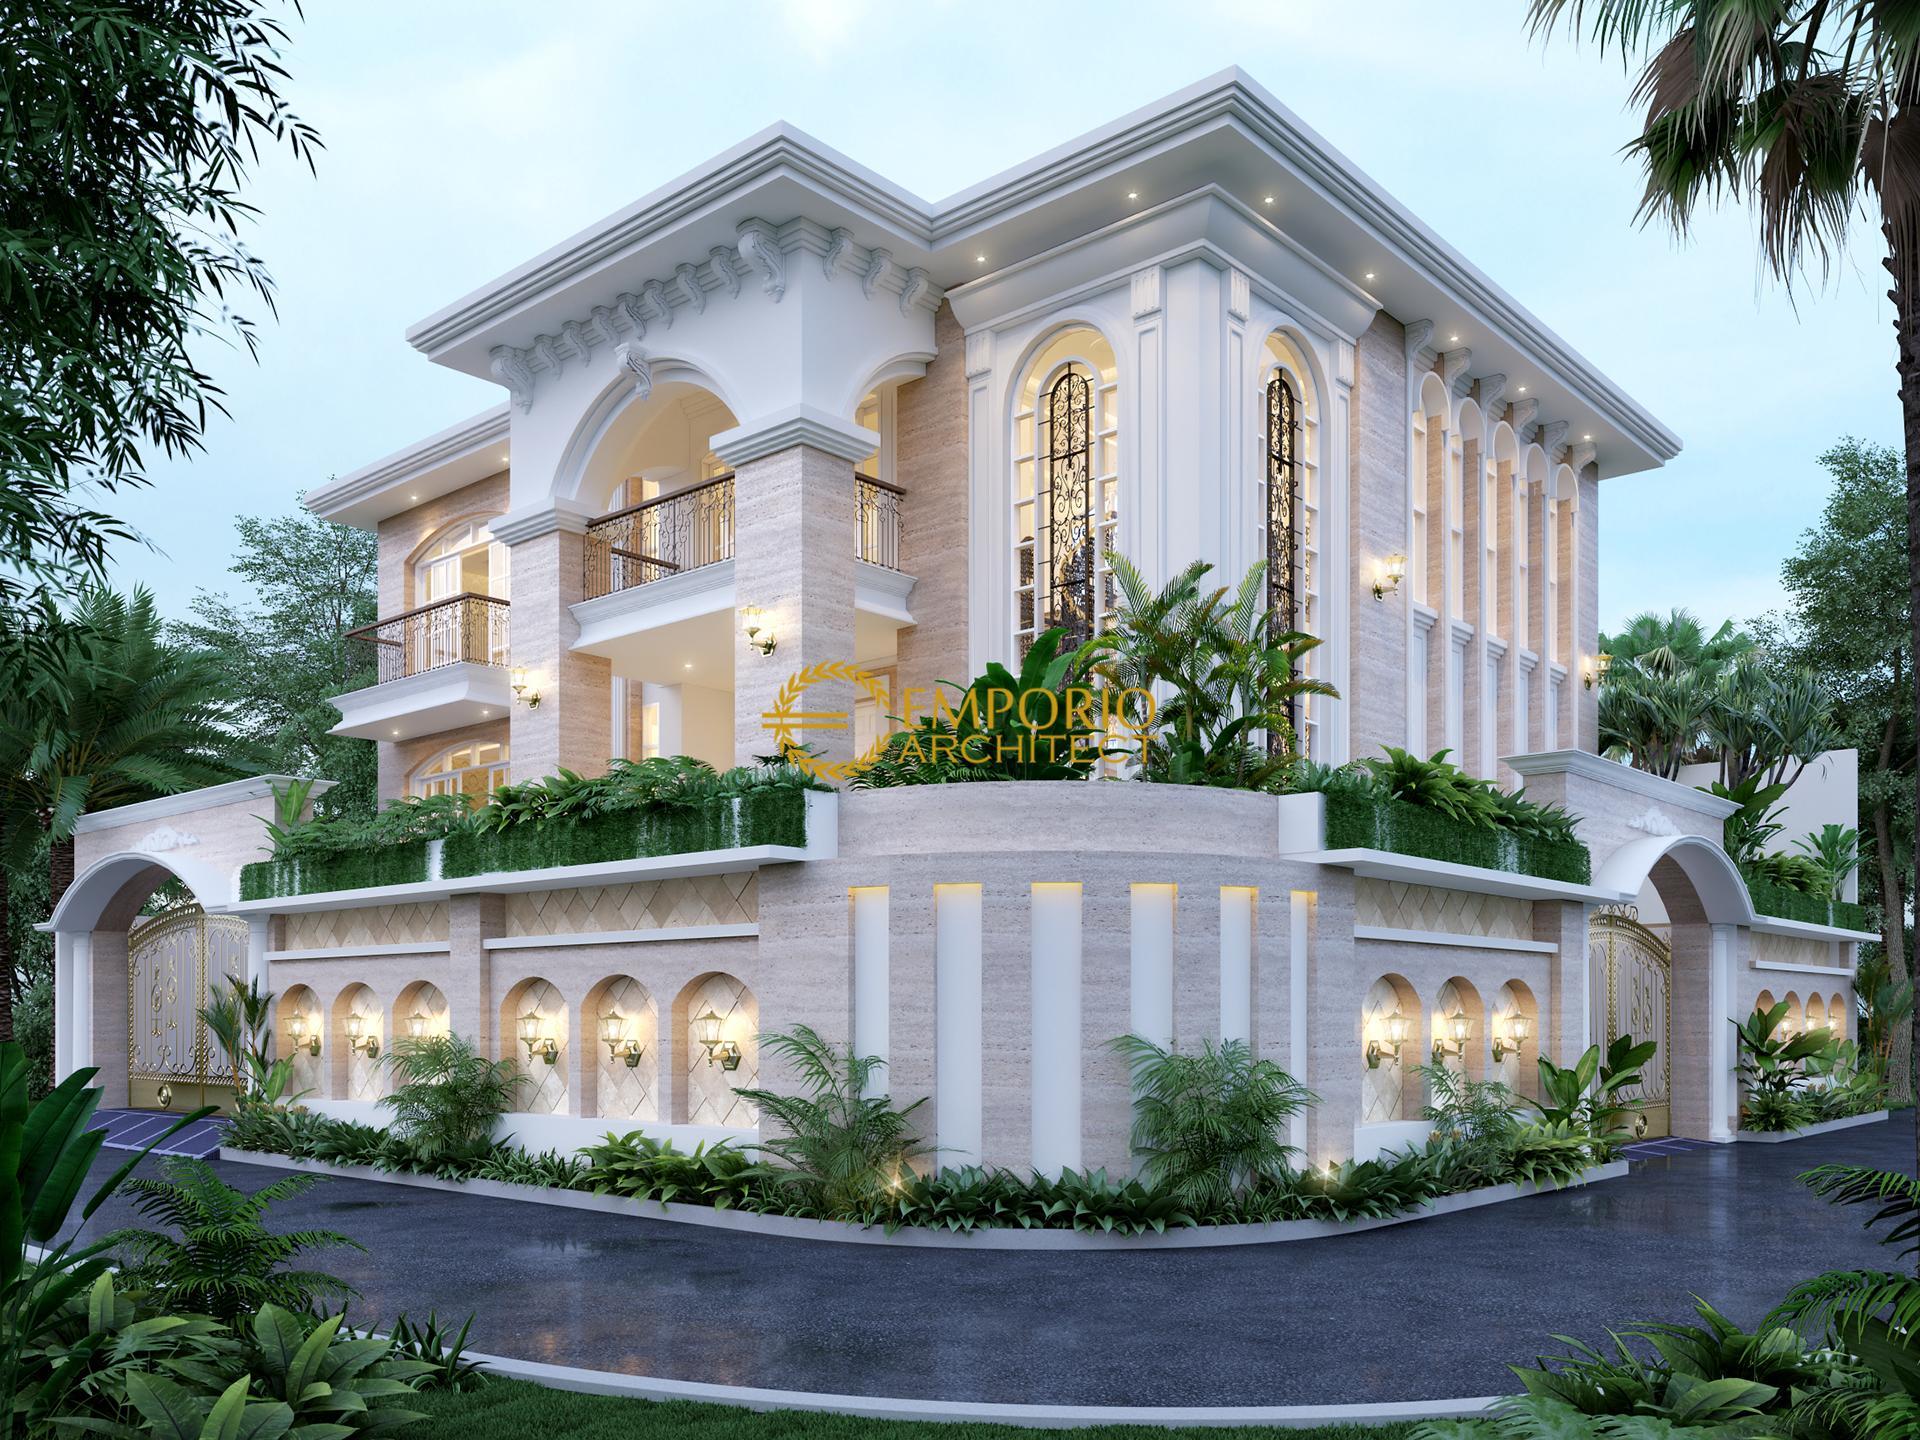 Desain Rumah Style Mediteran Tropis Terbaik 14